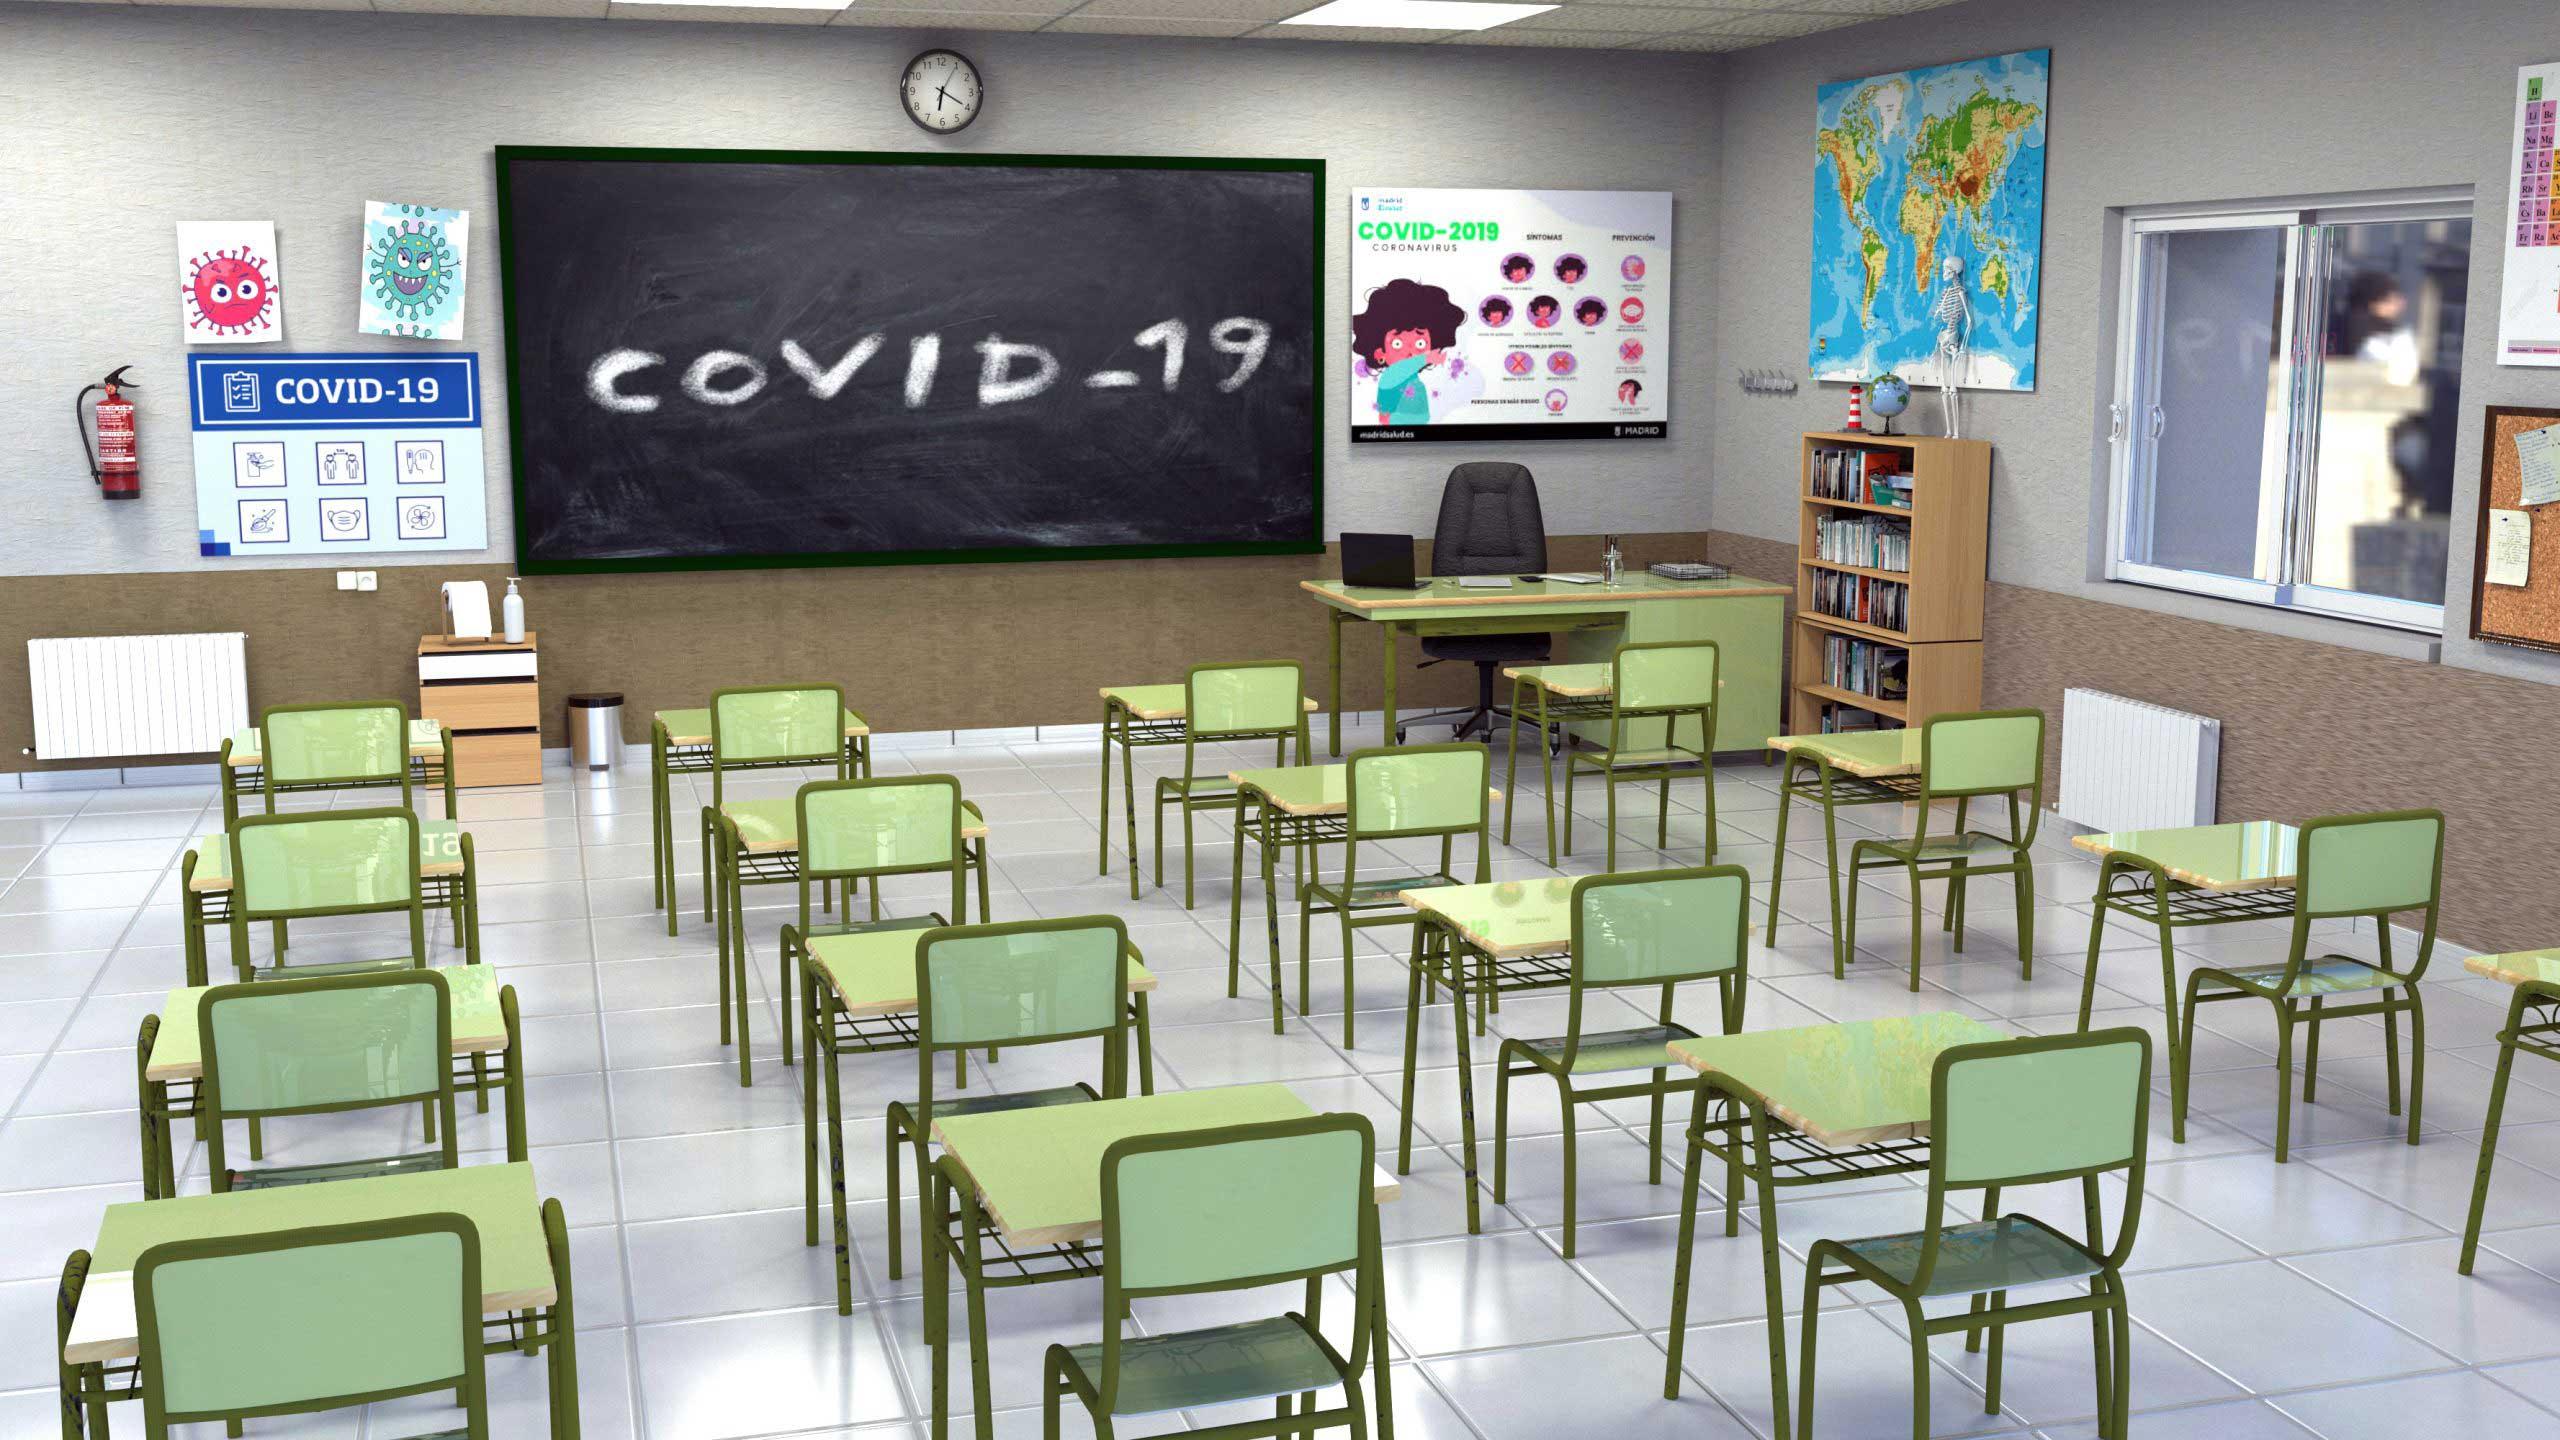 Désinfection de tables et chaises écoles covid-19